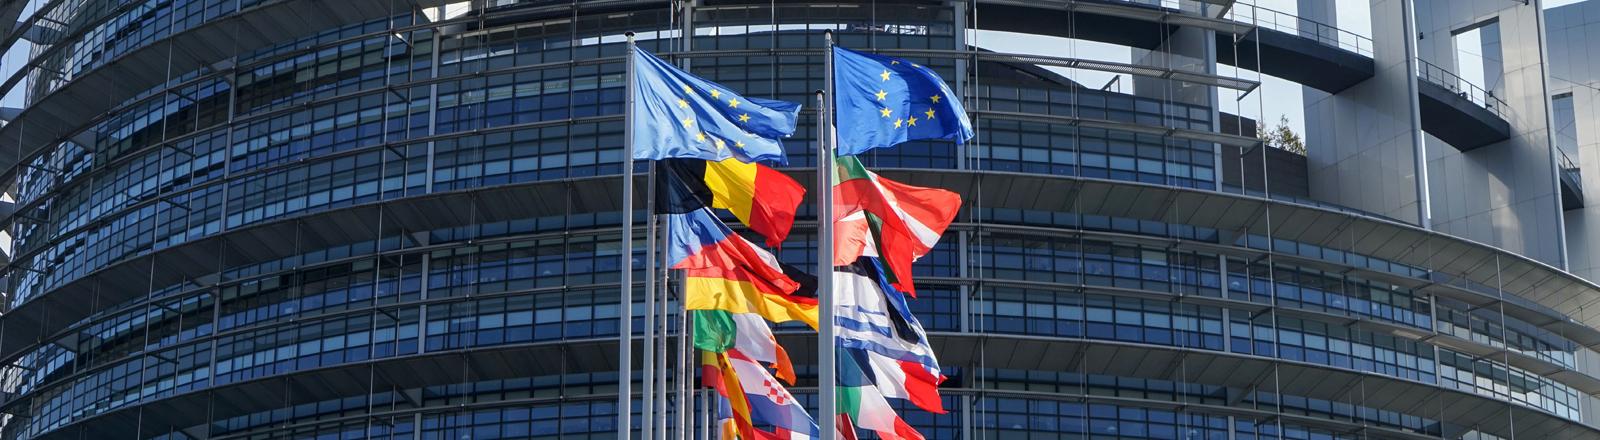 Flaggen der europäischen Mitgliedsstaaten vor dem EU-Parlament in Strassburg